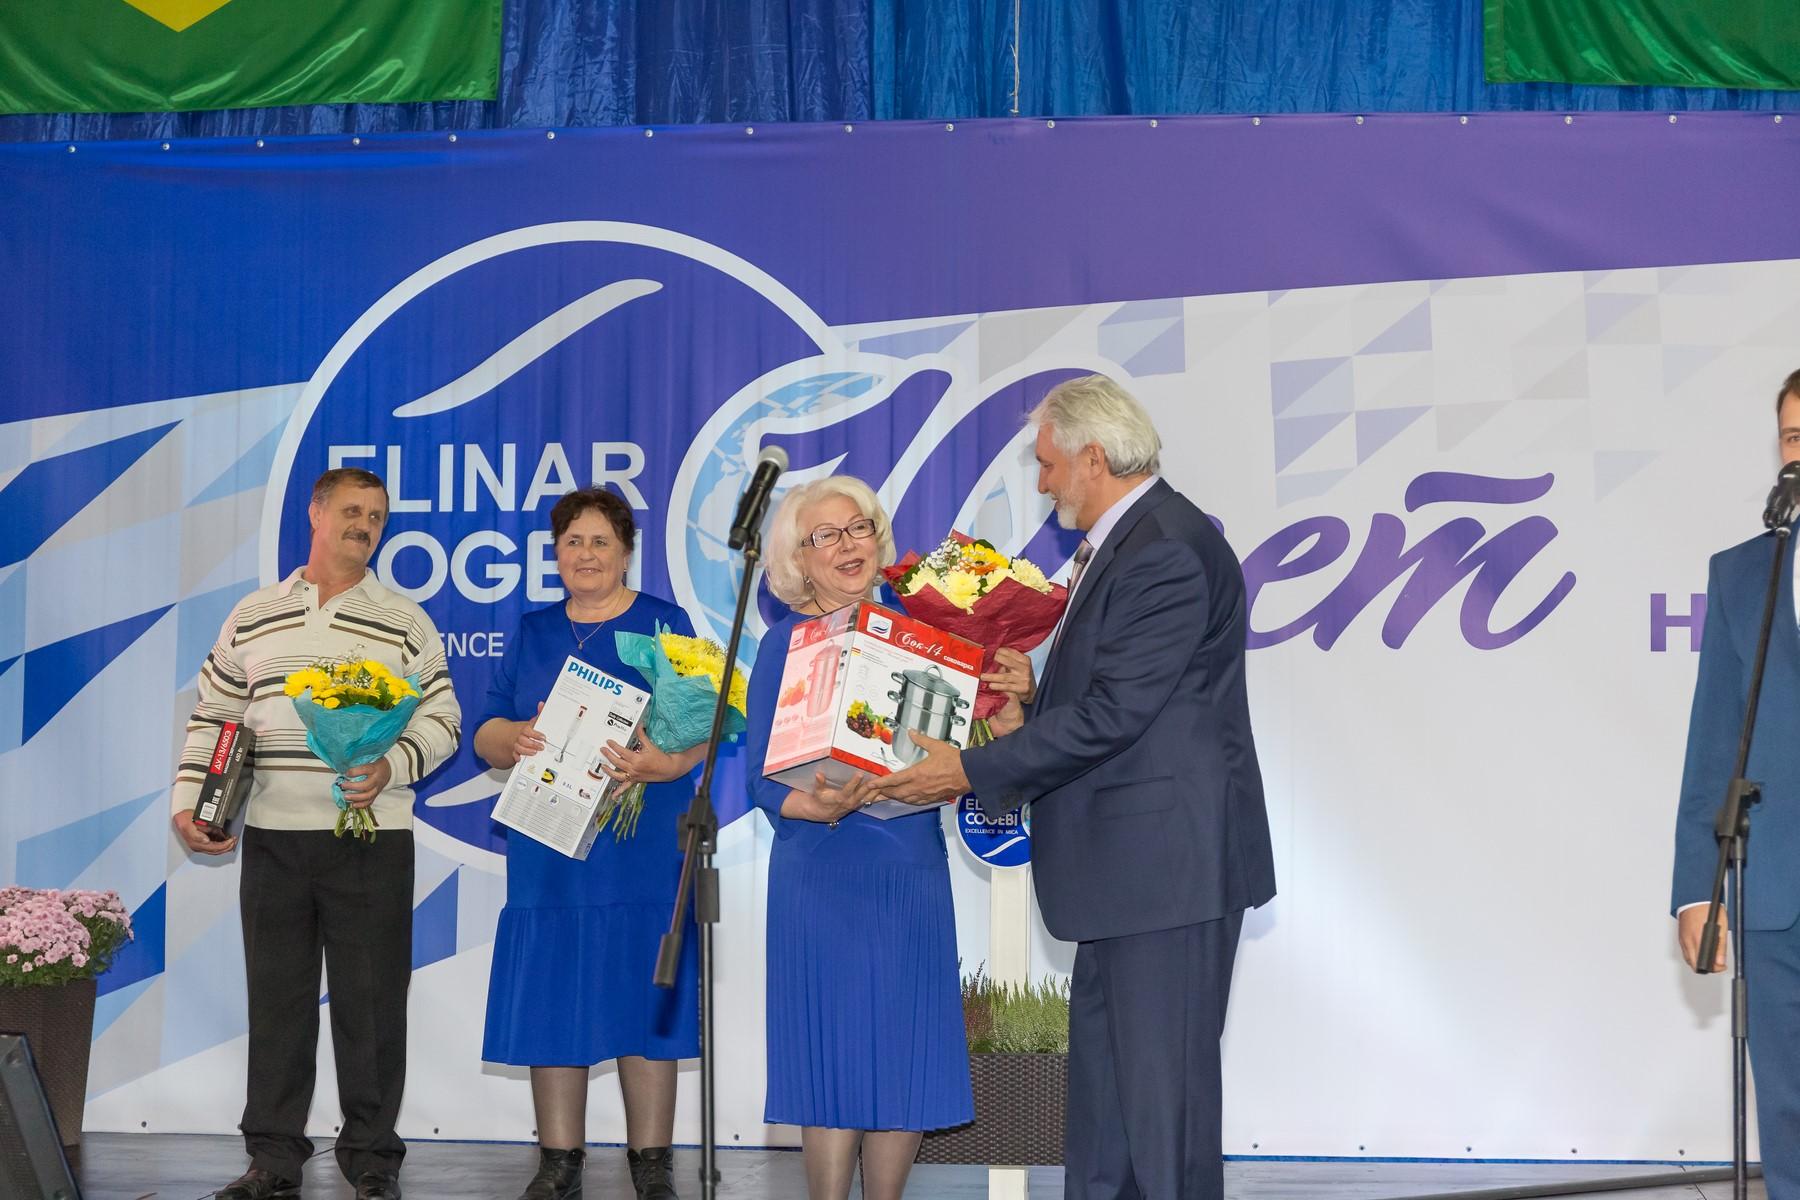 lig-elinar-2017-13